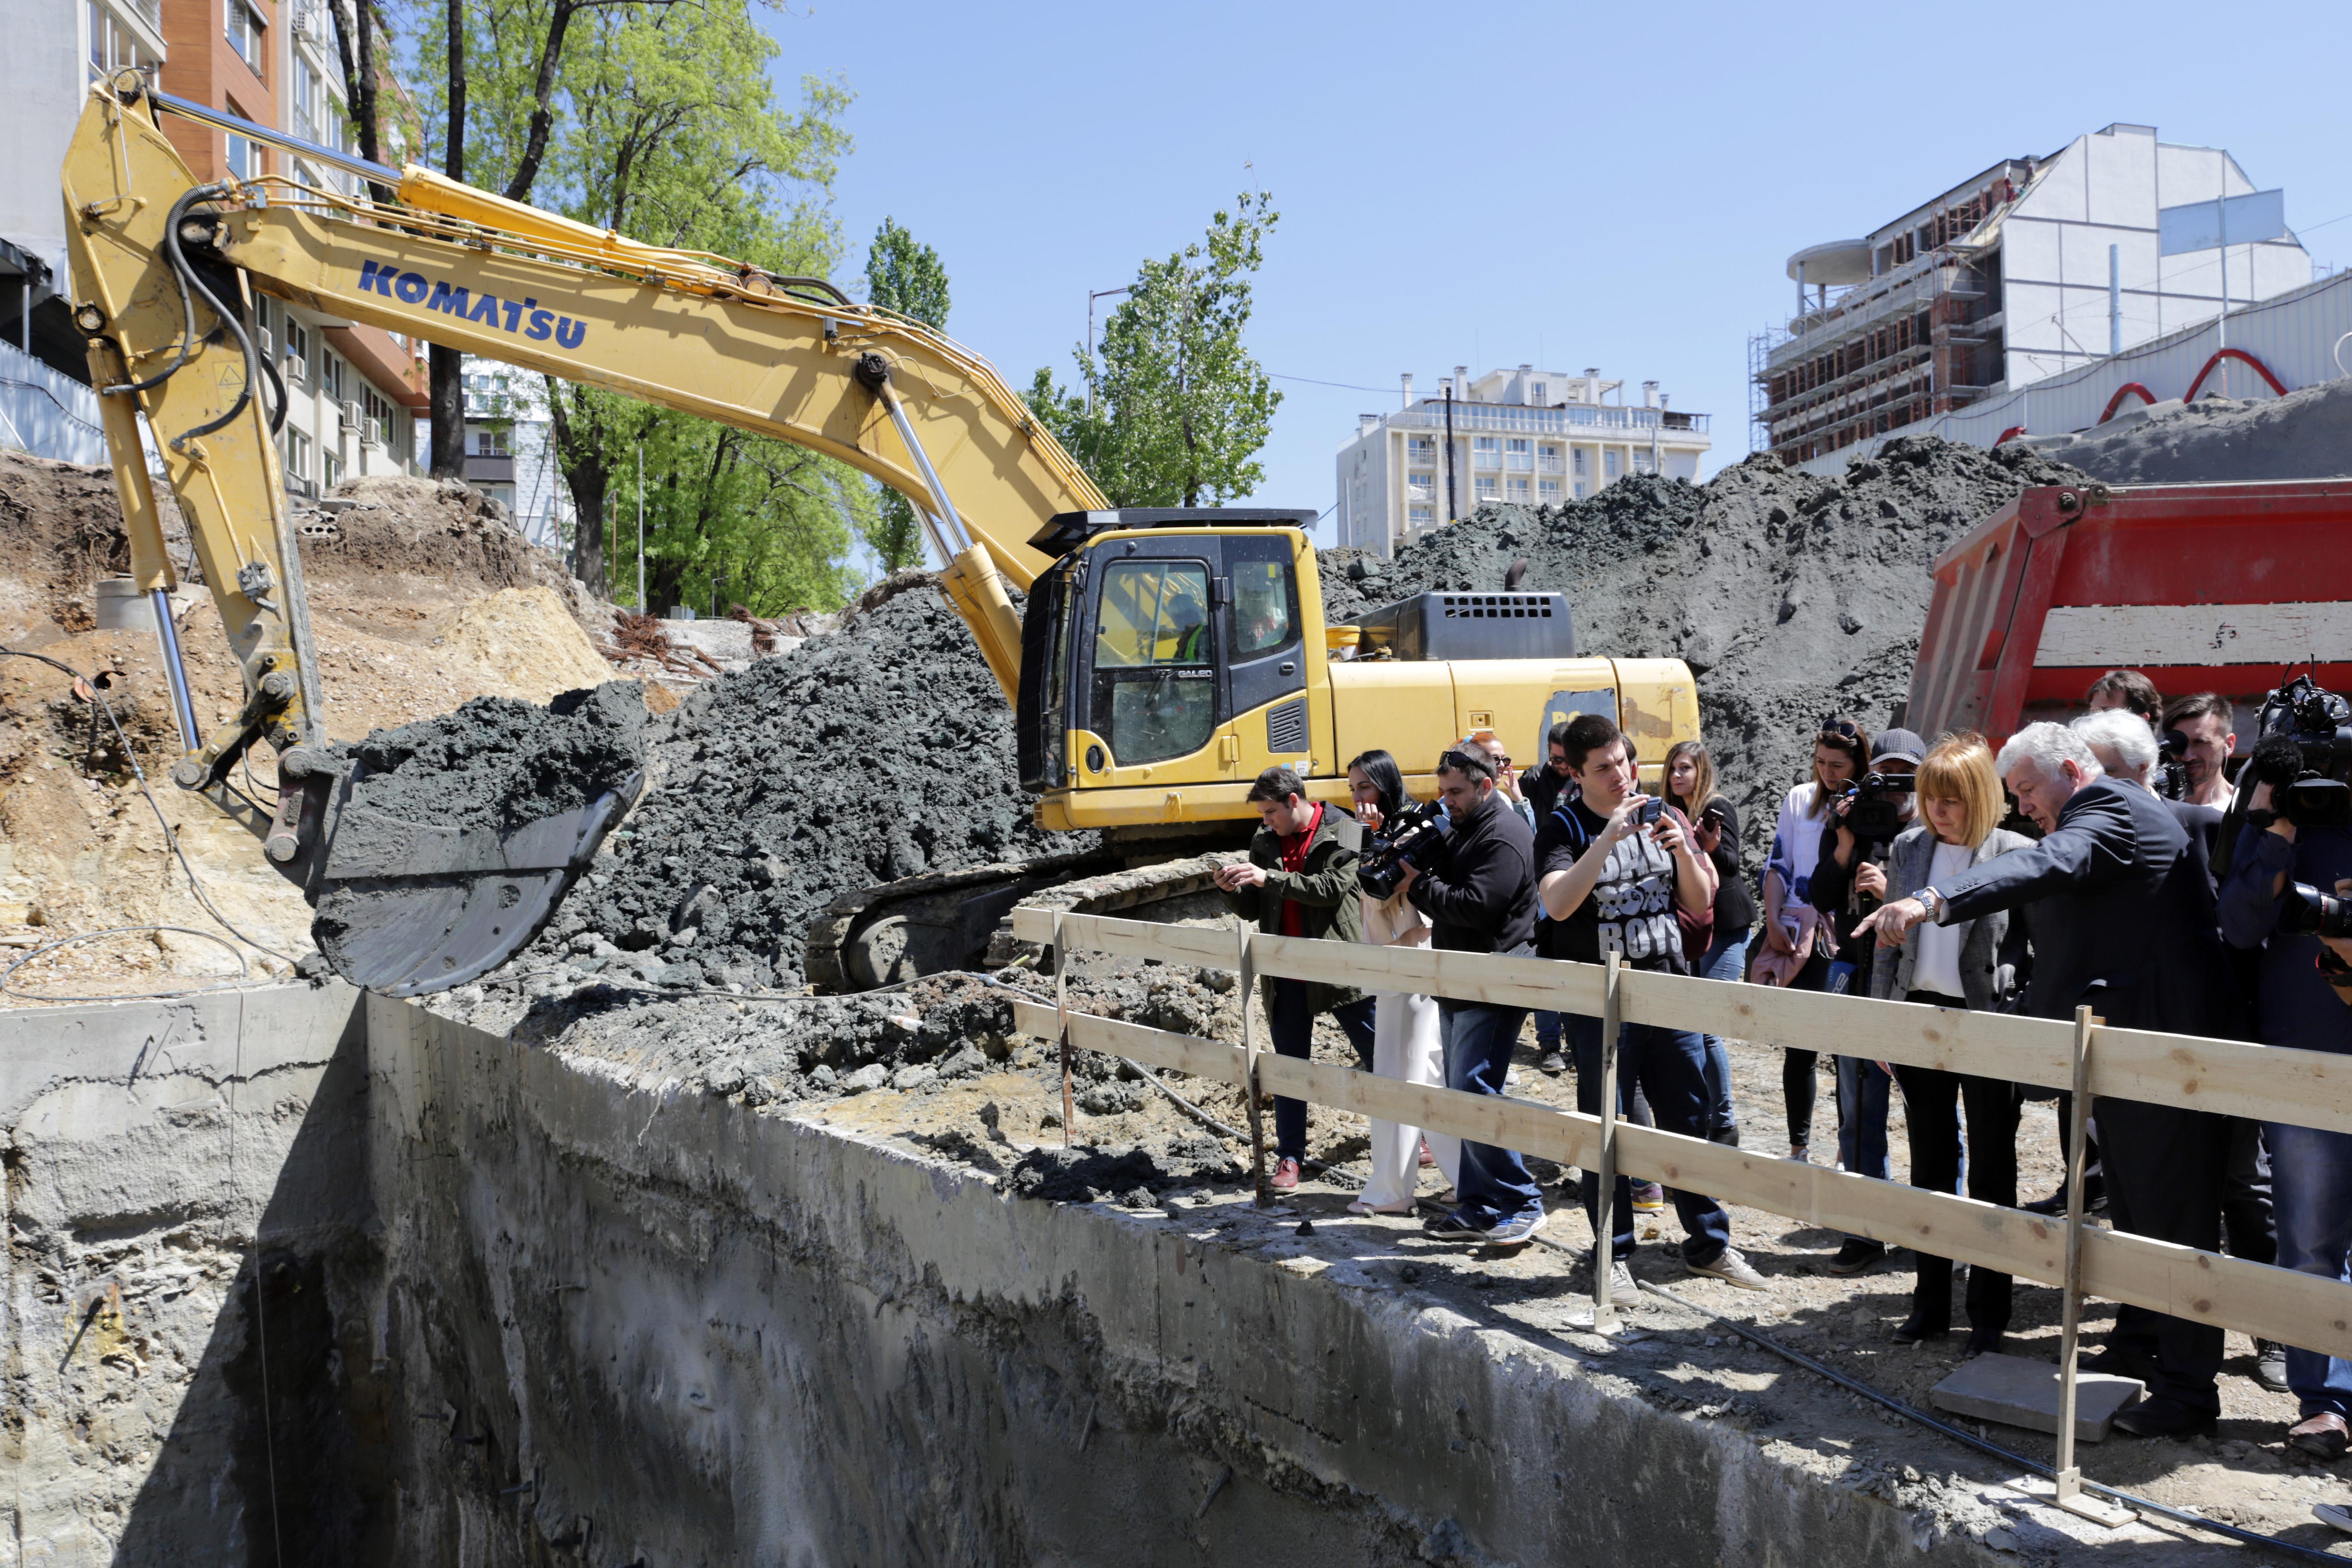 Нови промени в трафика заради строежа на метрото